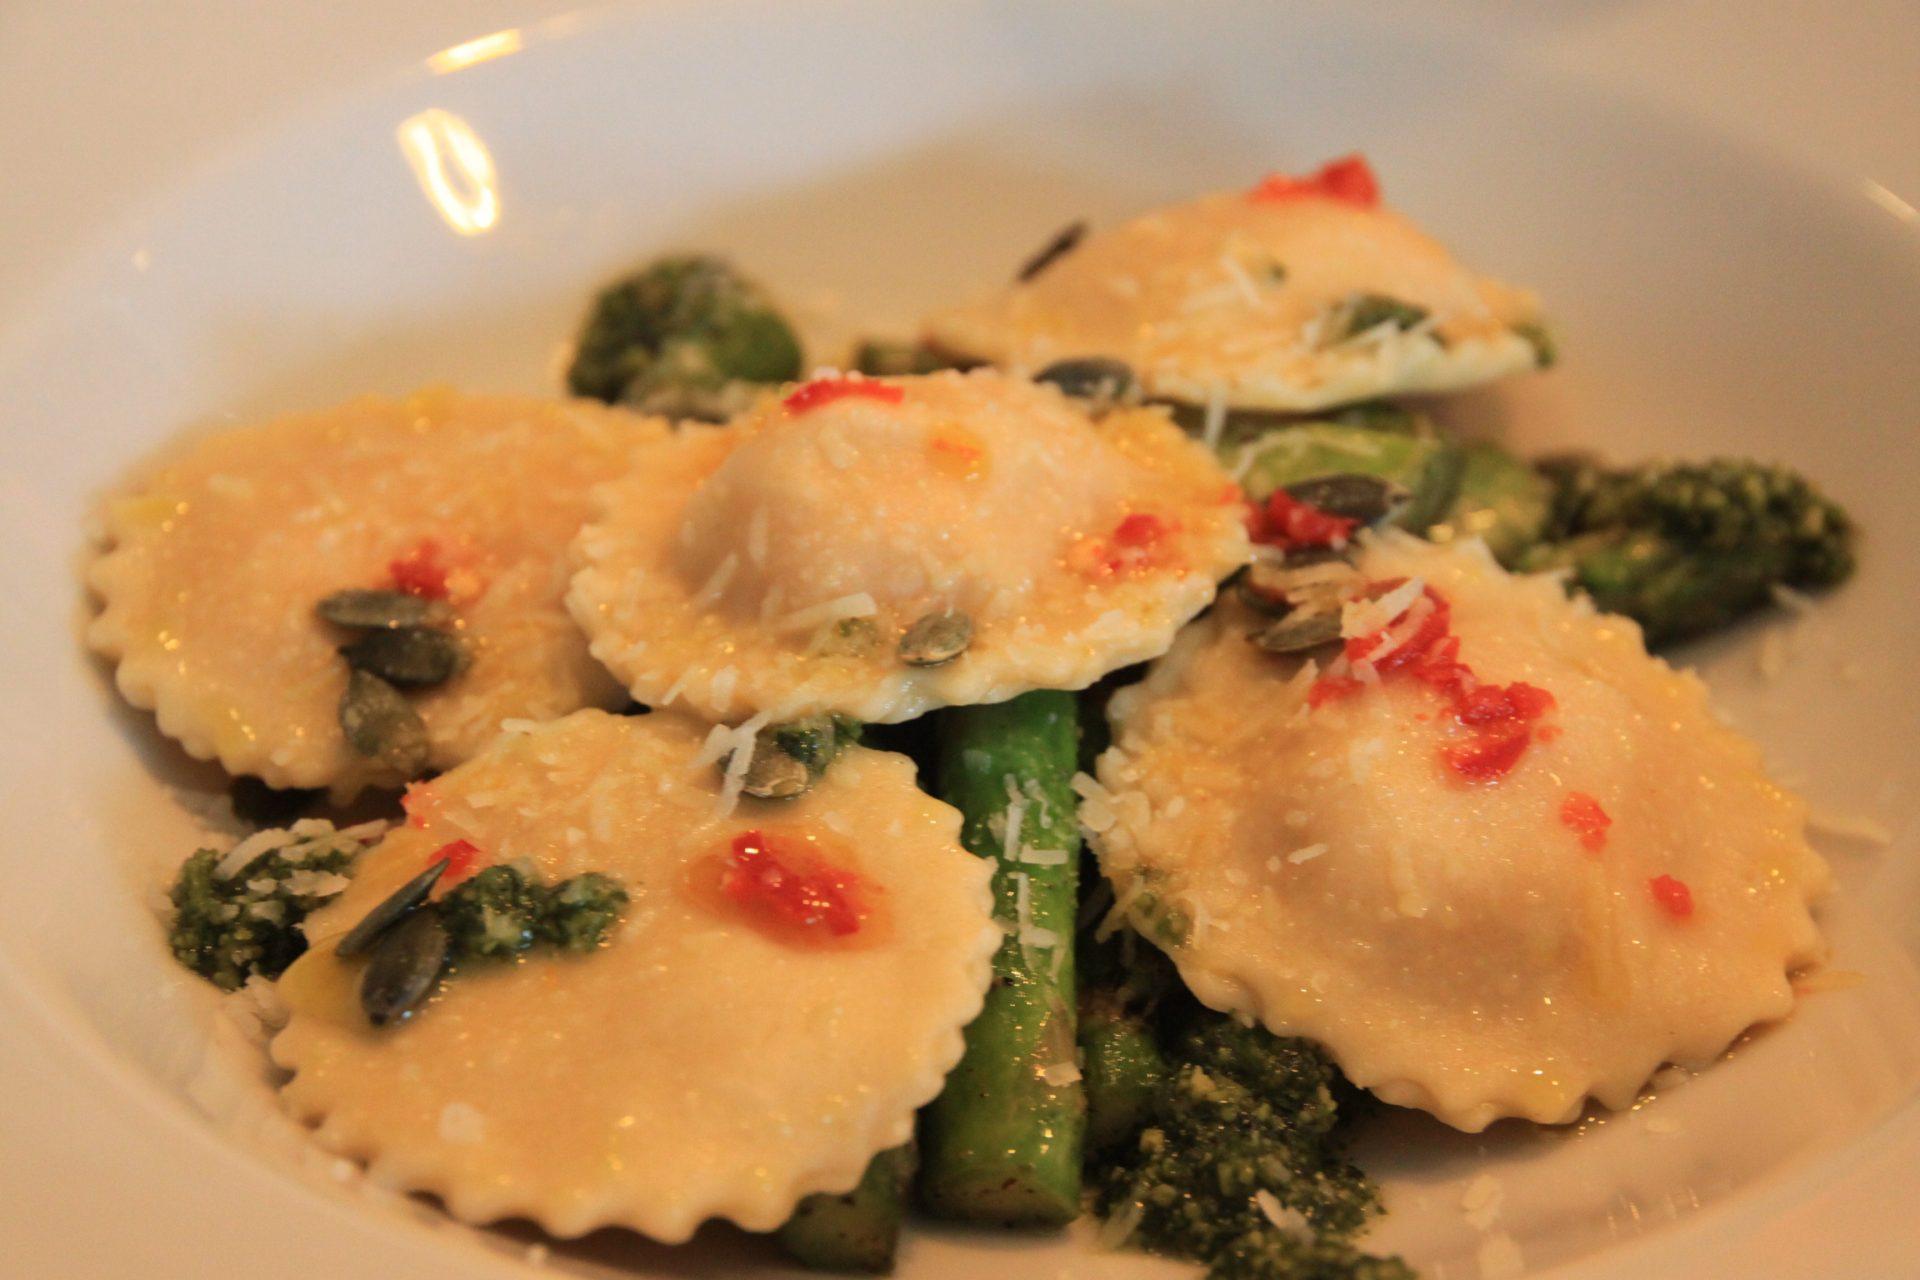 Huiskamerdiner in Breda met Air D'nD Hoofdgerecht zoete aardappel ravioli Foodblog Foodinista